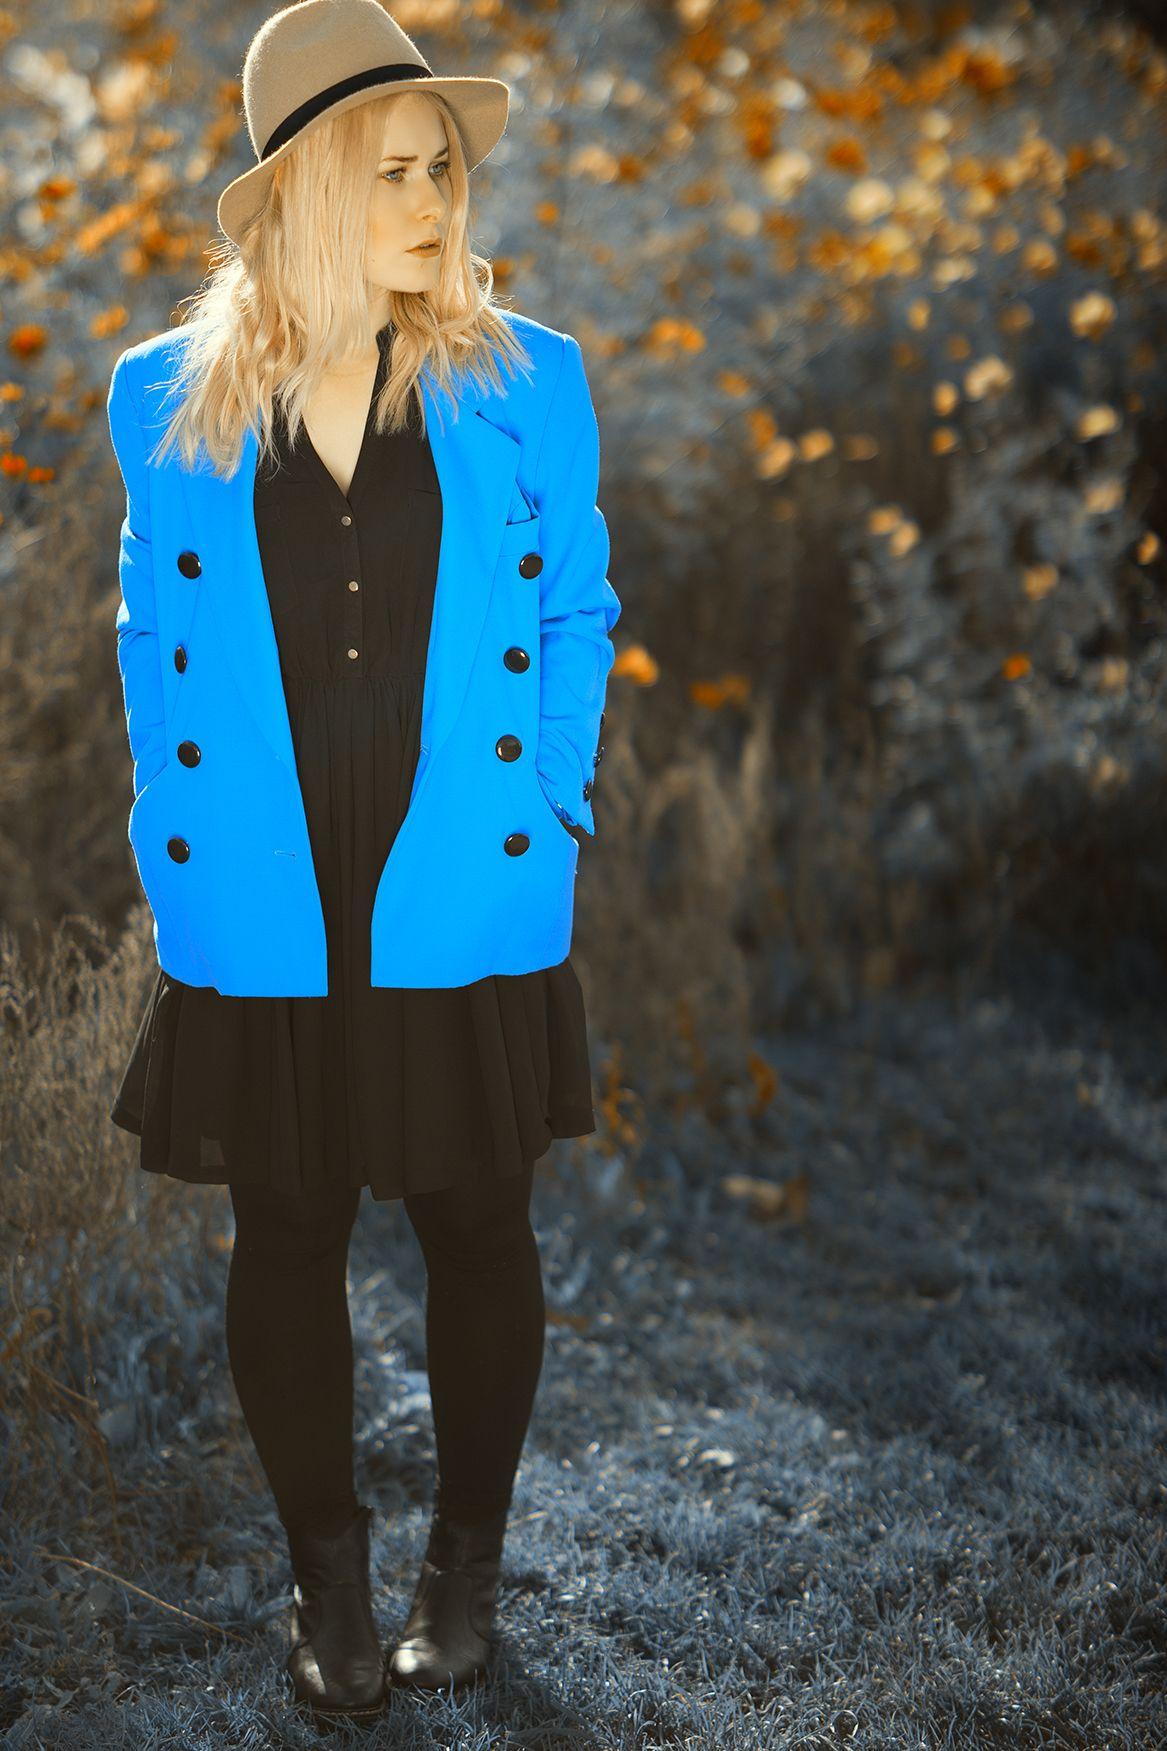 ed1ae1d58321d8 high-fashion-outfit-blazer-hut